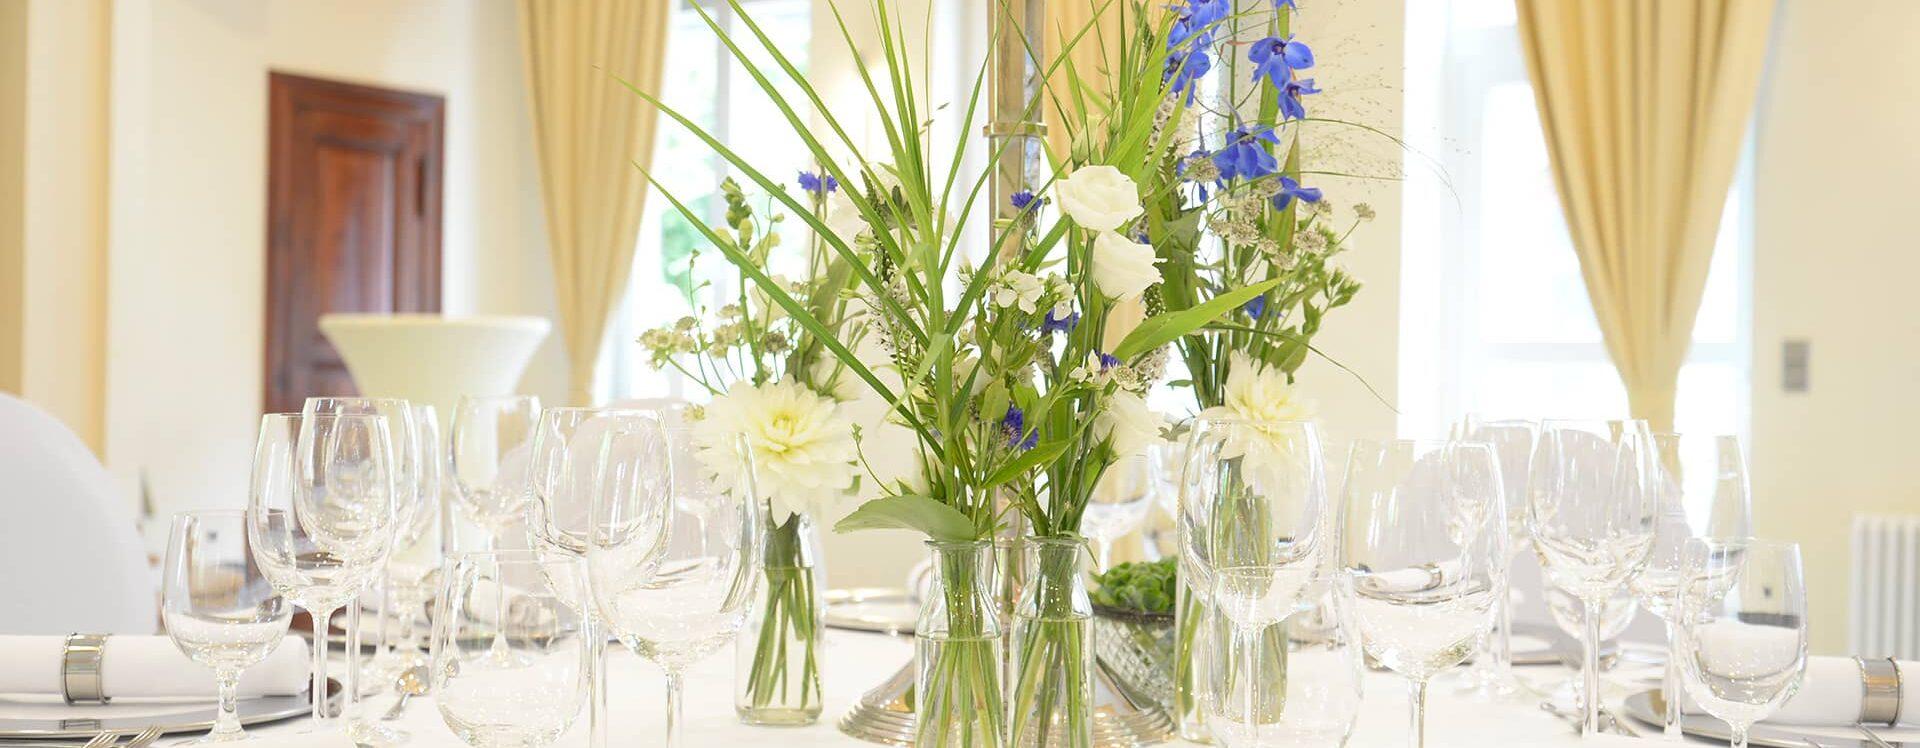 Tischdeko Blumen HOTEL MUTTERHAUS DÜSSELDORF